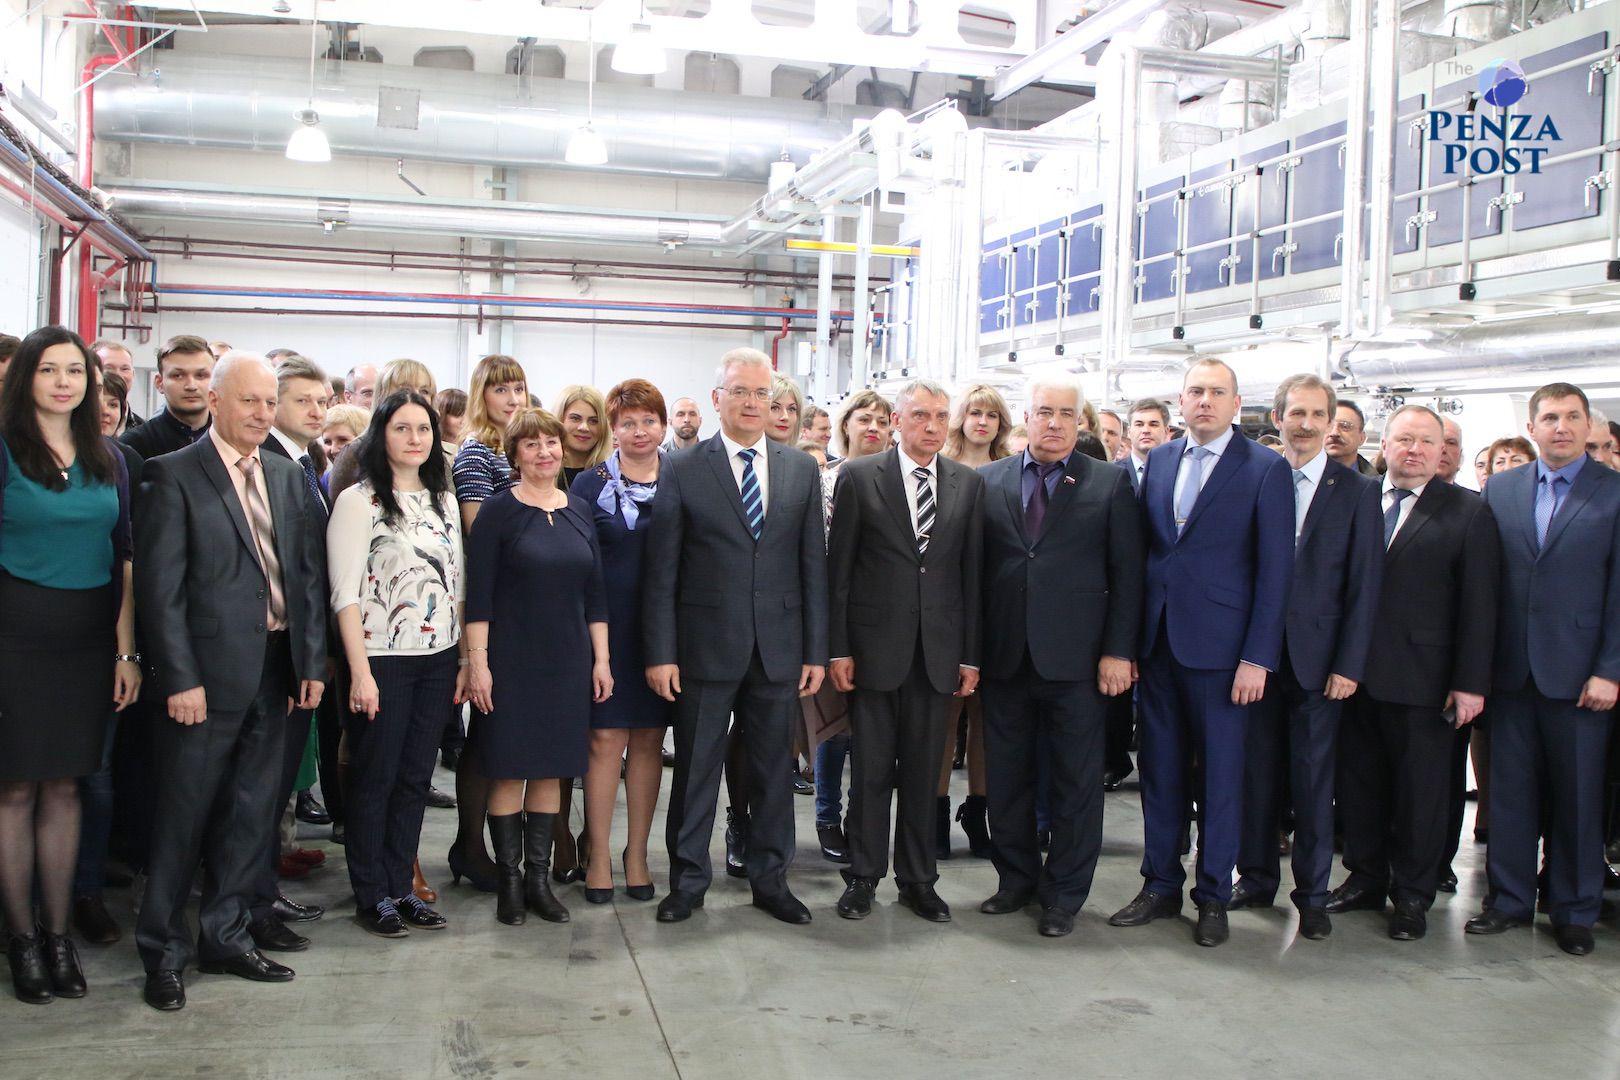 Пензенский «Маякпринт» открыл новейшую линию попроизводству обоев